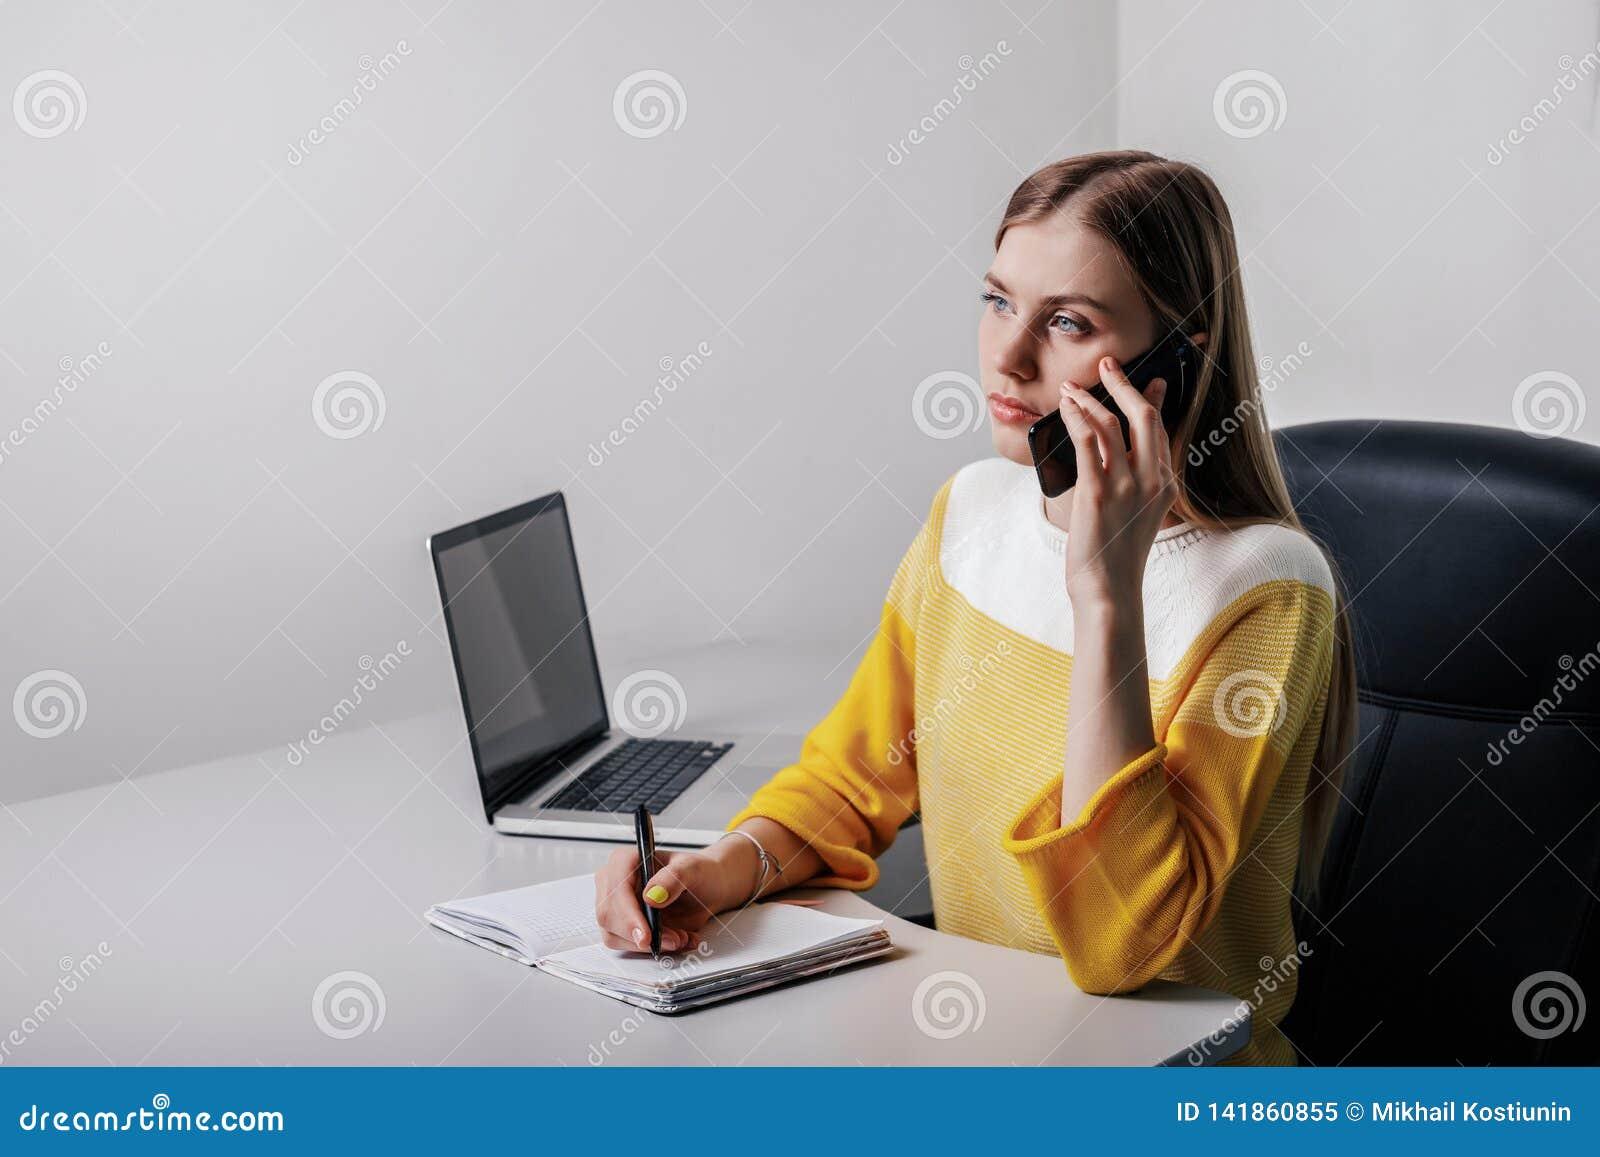 Fille d adolescent écrivant sur un bloc-notes et téléphonant tout en se reposant dans un bureau